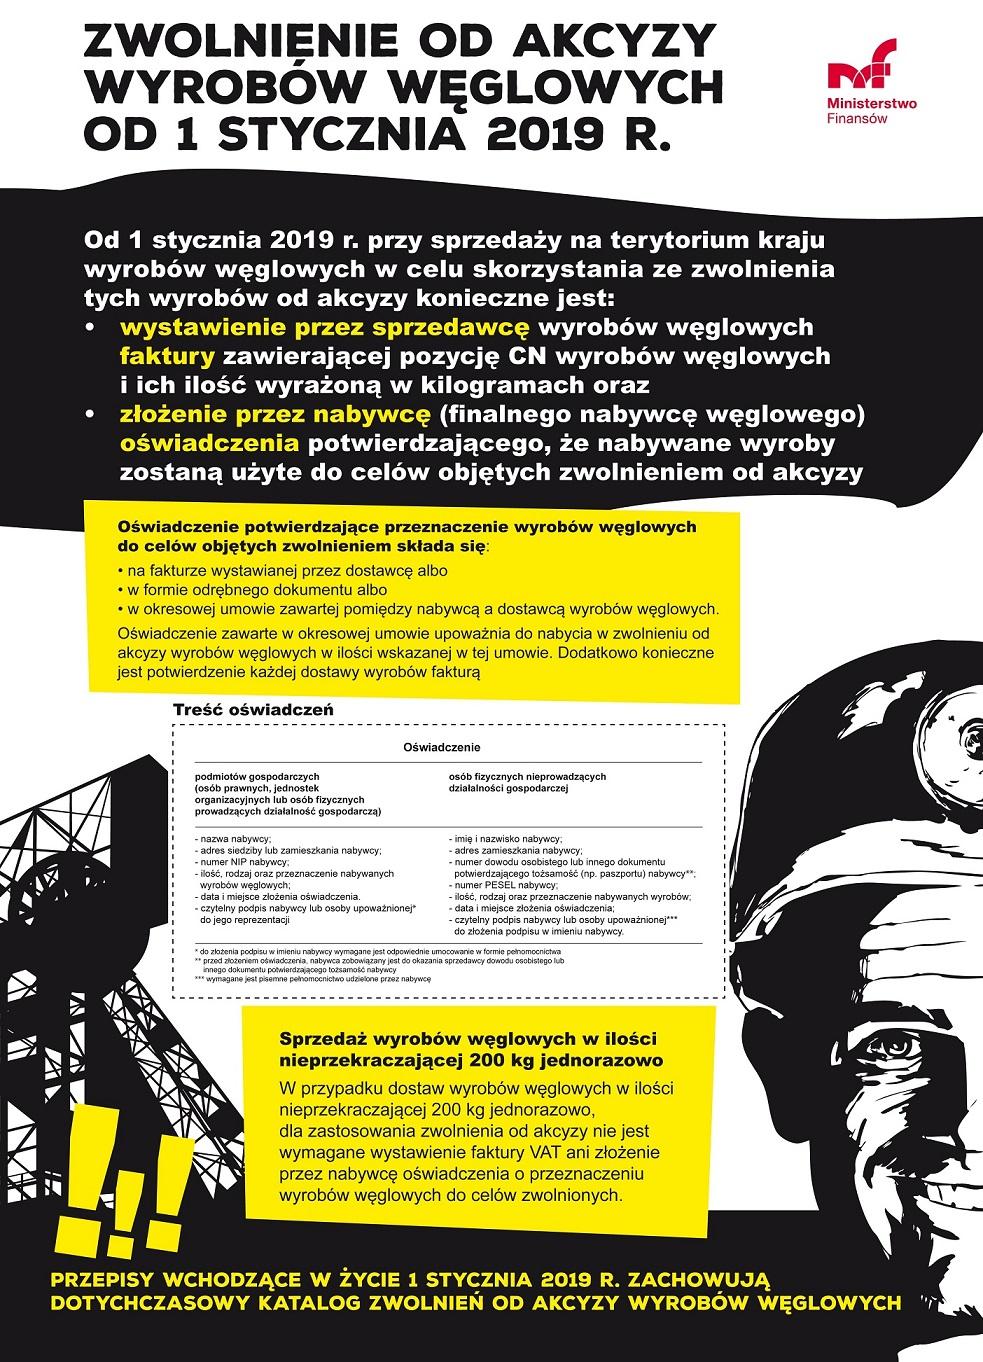 Nowe zasady dokumentowania sprzedaży zwolnionych od akcyzy wyrobów węglowych